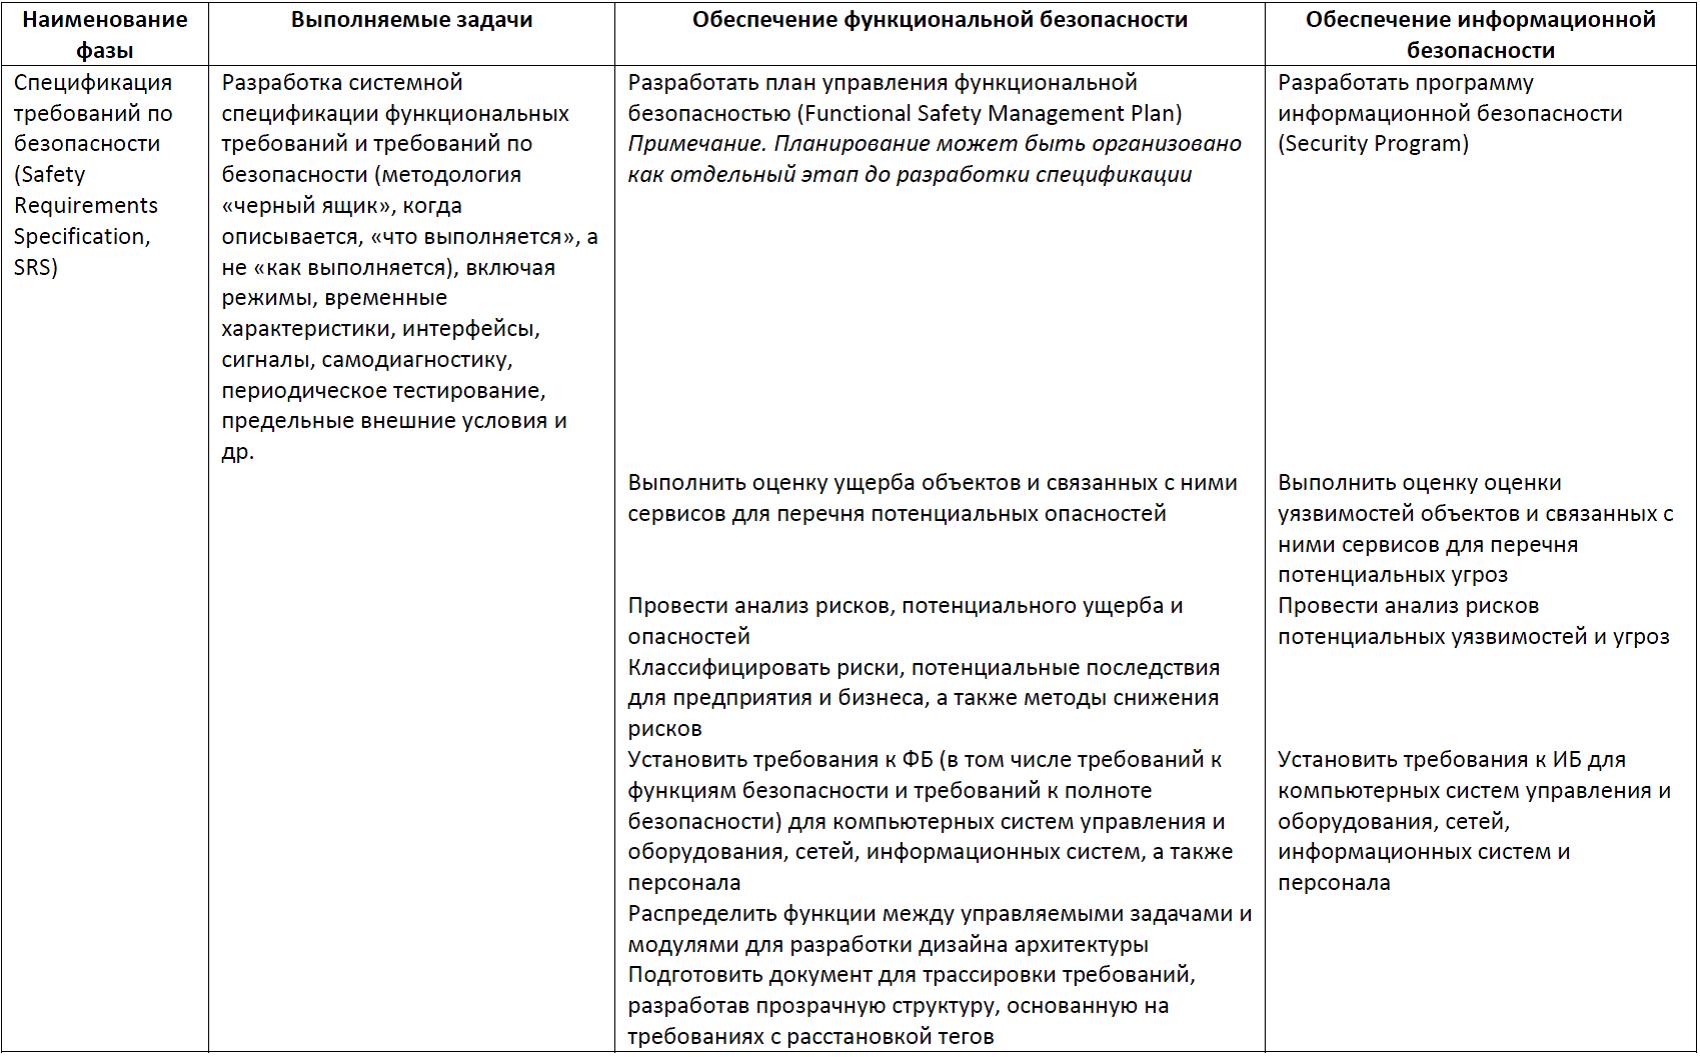 Функциональная безопасность, часть 5 из 5. Жизненный цикл информационной и функциональной безопасности - 8